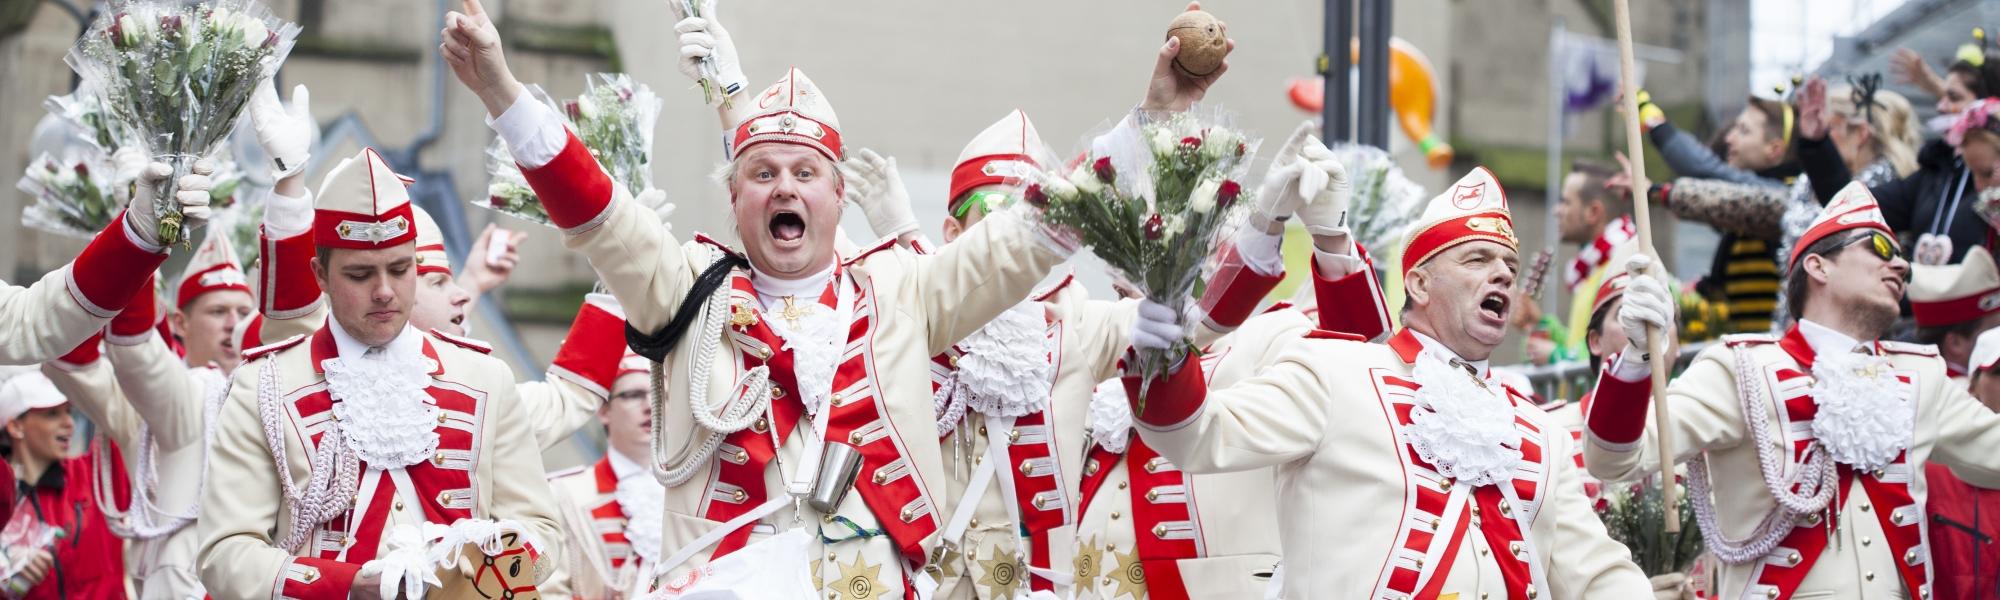 Carnaval de Colonia (Alemanya)